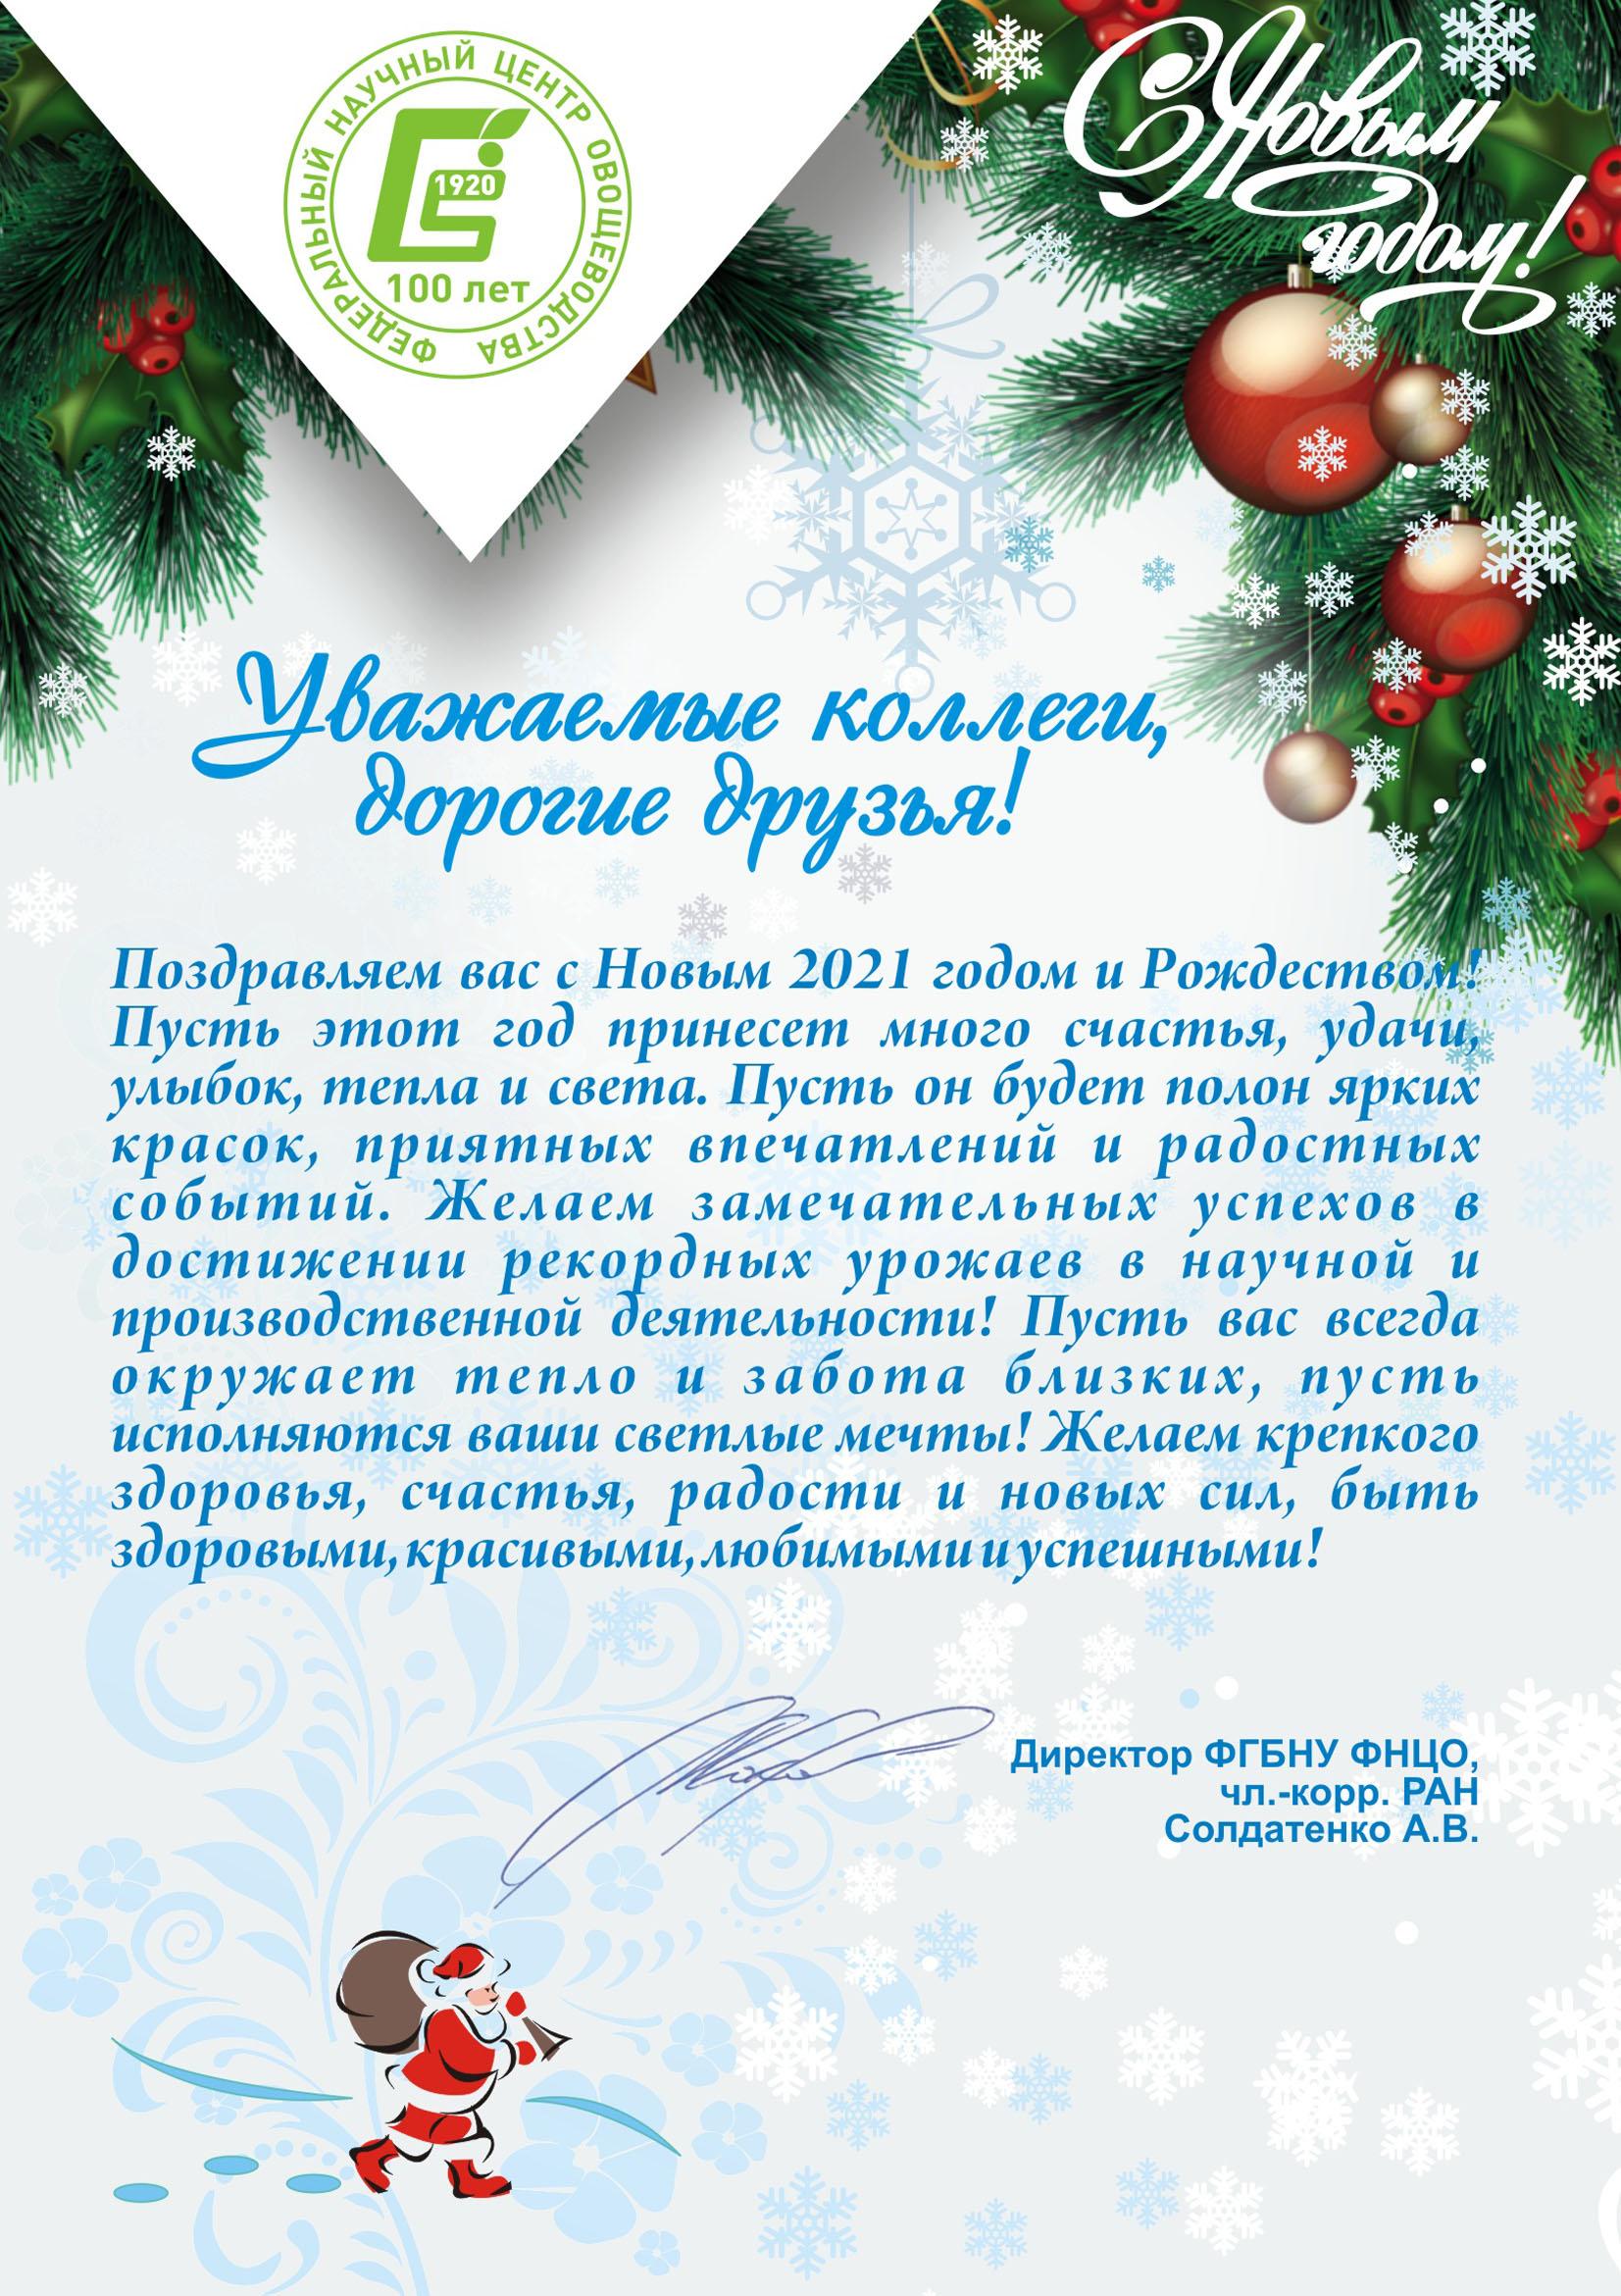 Поздравляем вас с Новым 2021 годом и Рождеством!